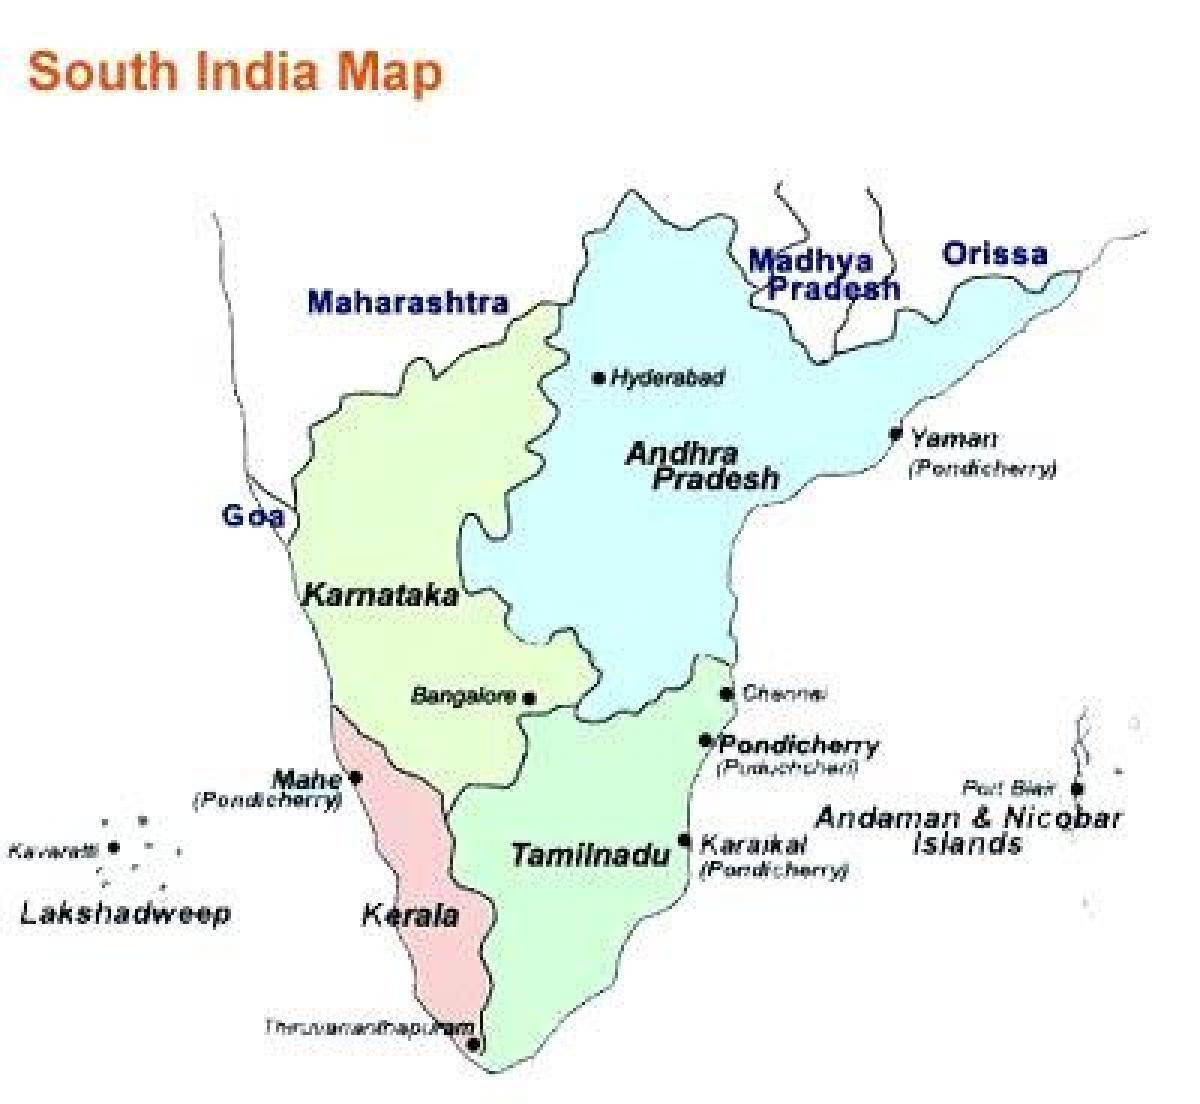 Etela Intia Kartta Jossa Kaupungit Kartta Etela Intian